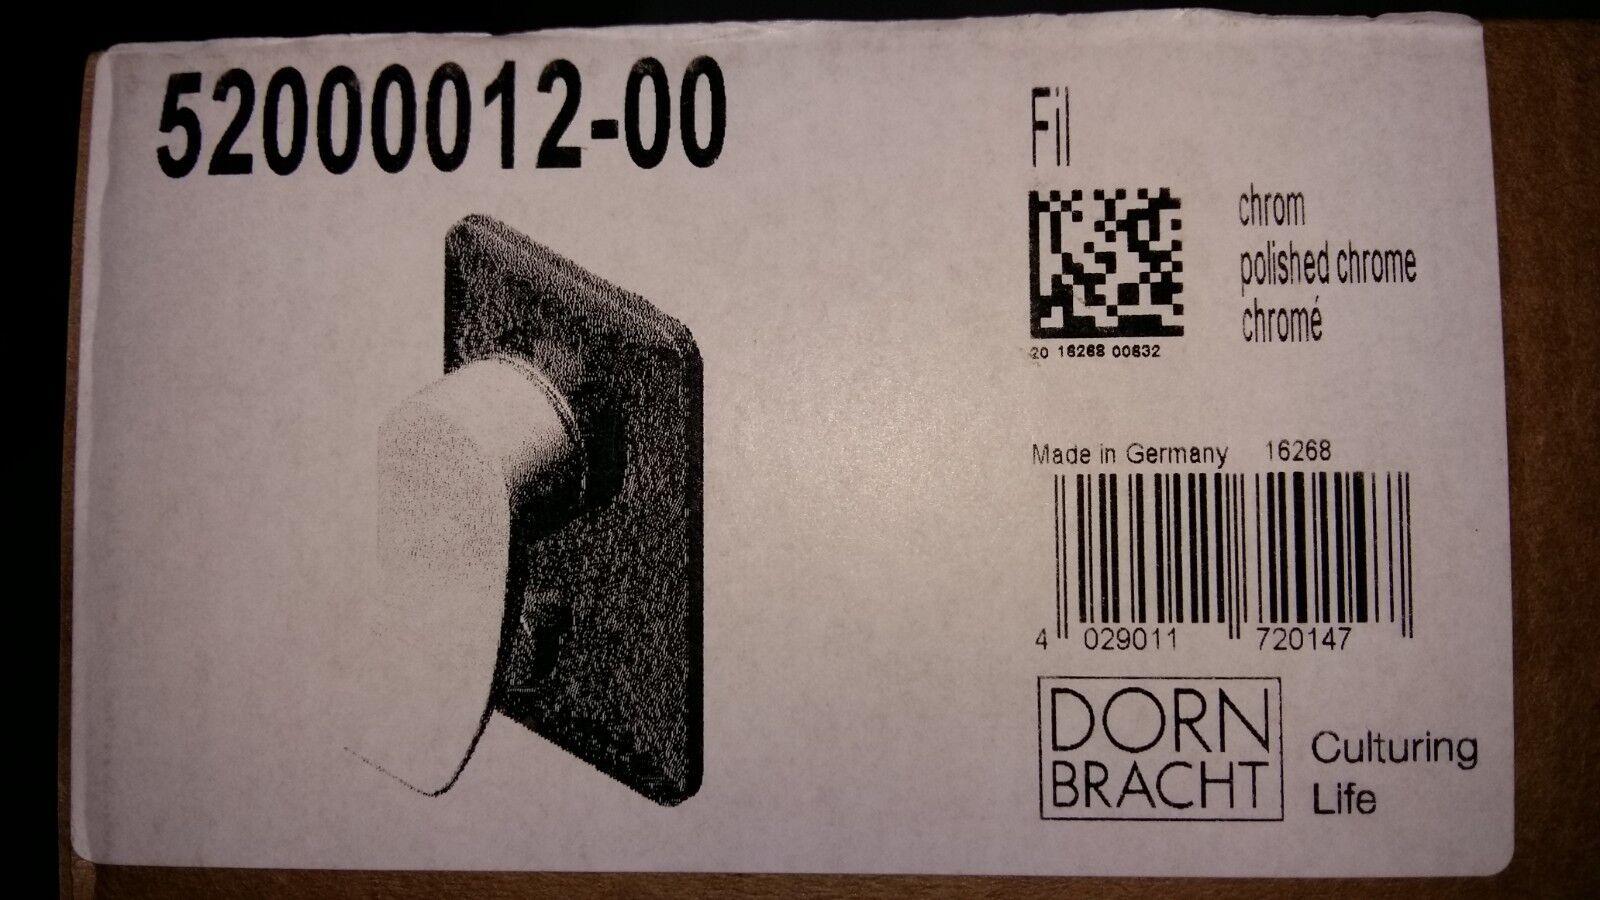 Dornbracht FIL UP-Einhandbatterie mit Umstellung chrom 52000012-00